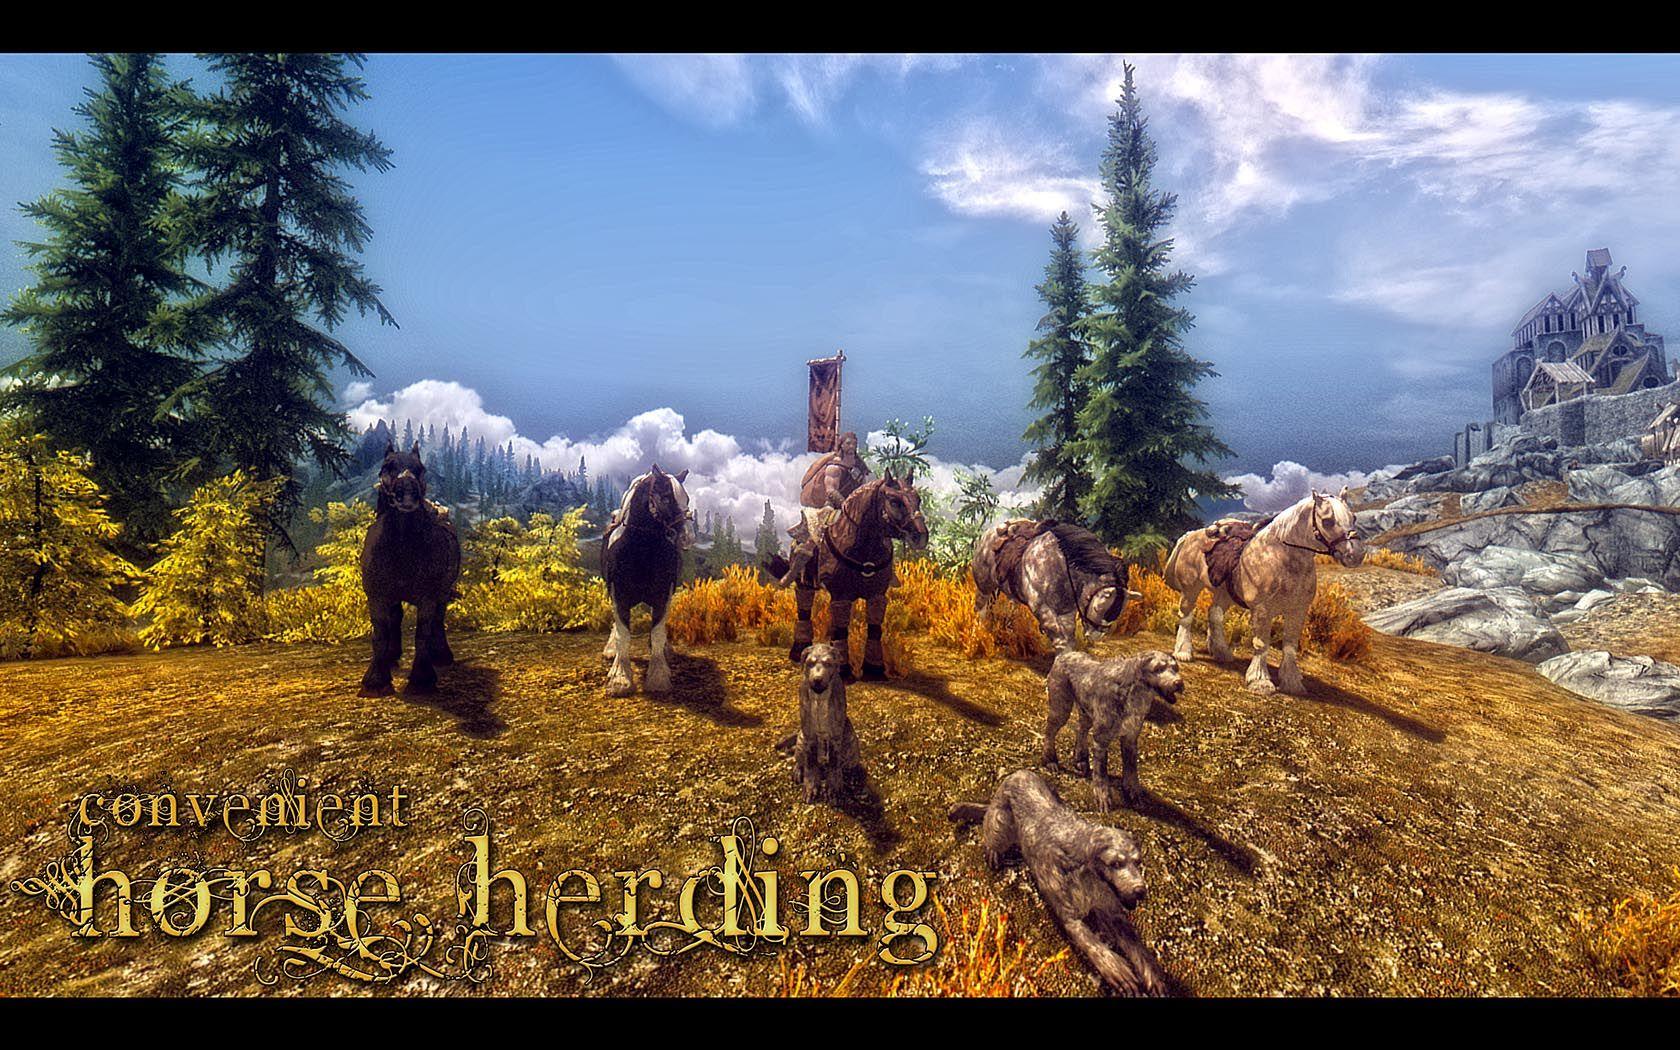 Convenient Horse Herding at Skyrim Nexus - mods and